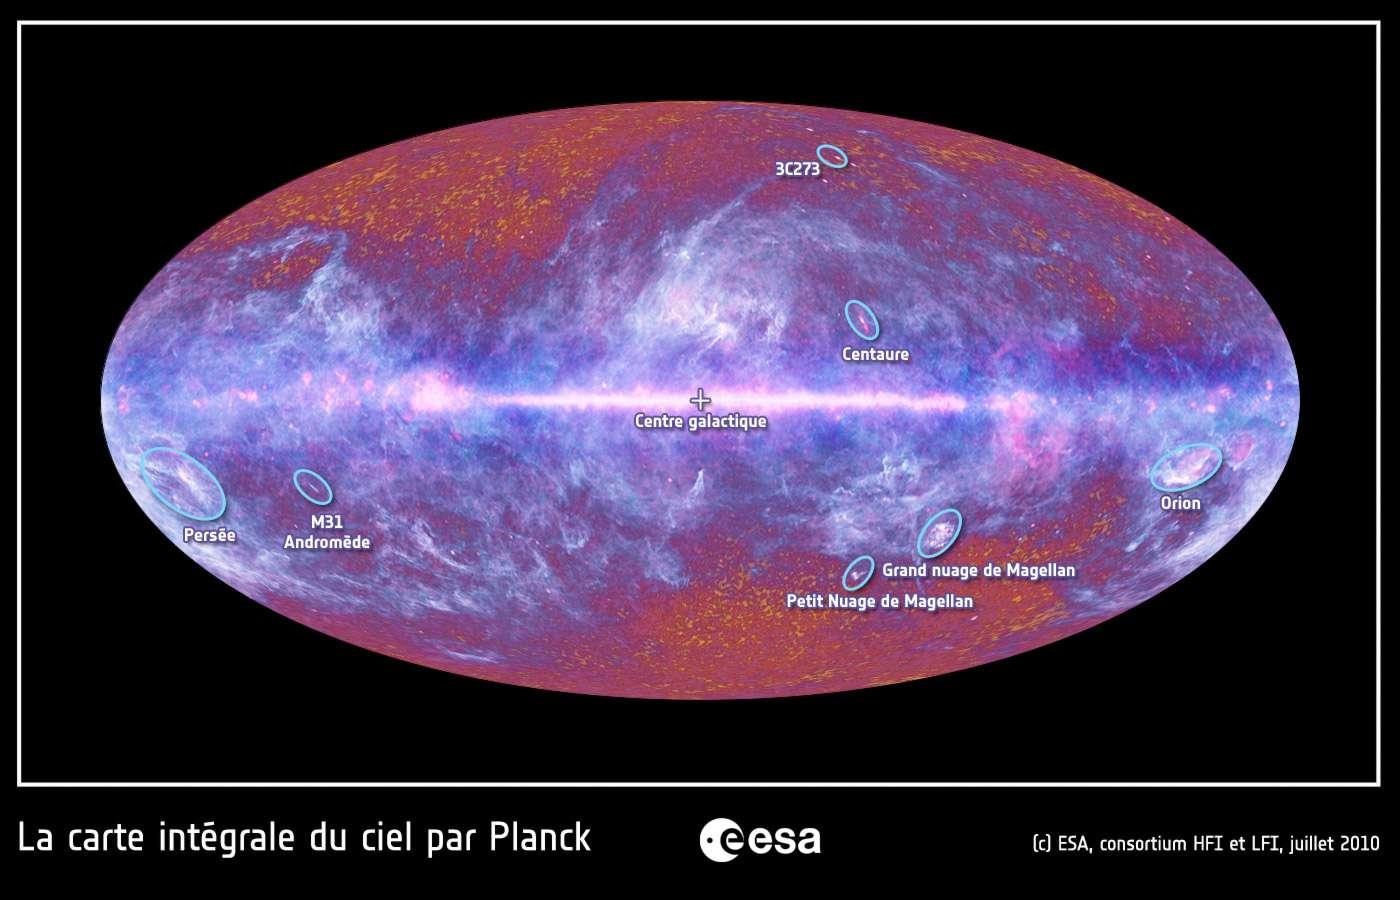 Le 21 mars, l'Esa dévoilera ce que nous ont appris les données fournies par le télescope spatial Planck. Très attendues par la communauté des cosmologistes et présentées comme inédites, elles nous apporteront un nouvel éclairage sur l'histoire de la formation de l'univers. © Esa